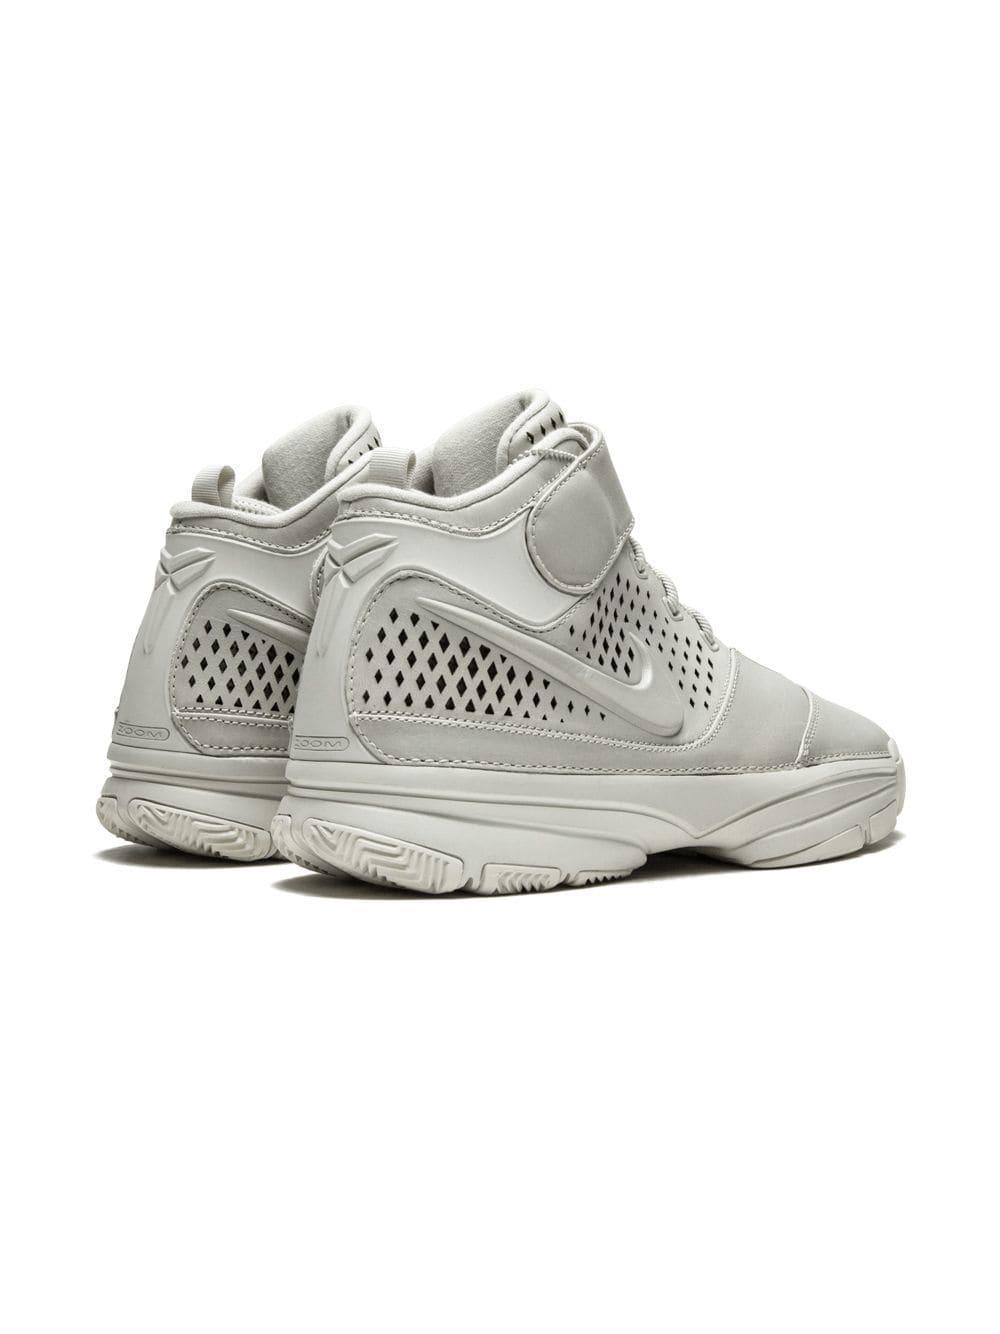 1fb4384b444a Lyst - Nike Zoom Kobe 2 Ftb Sneakers in Gray for Men